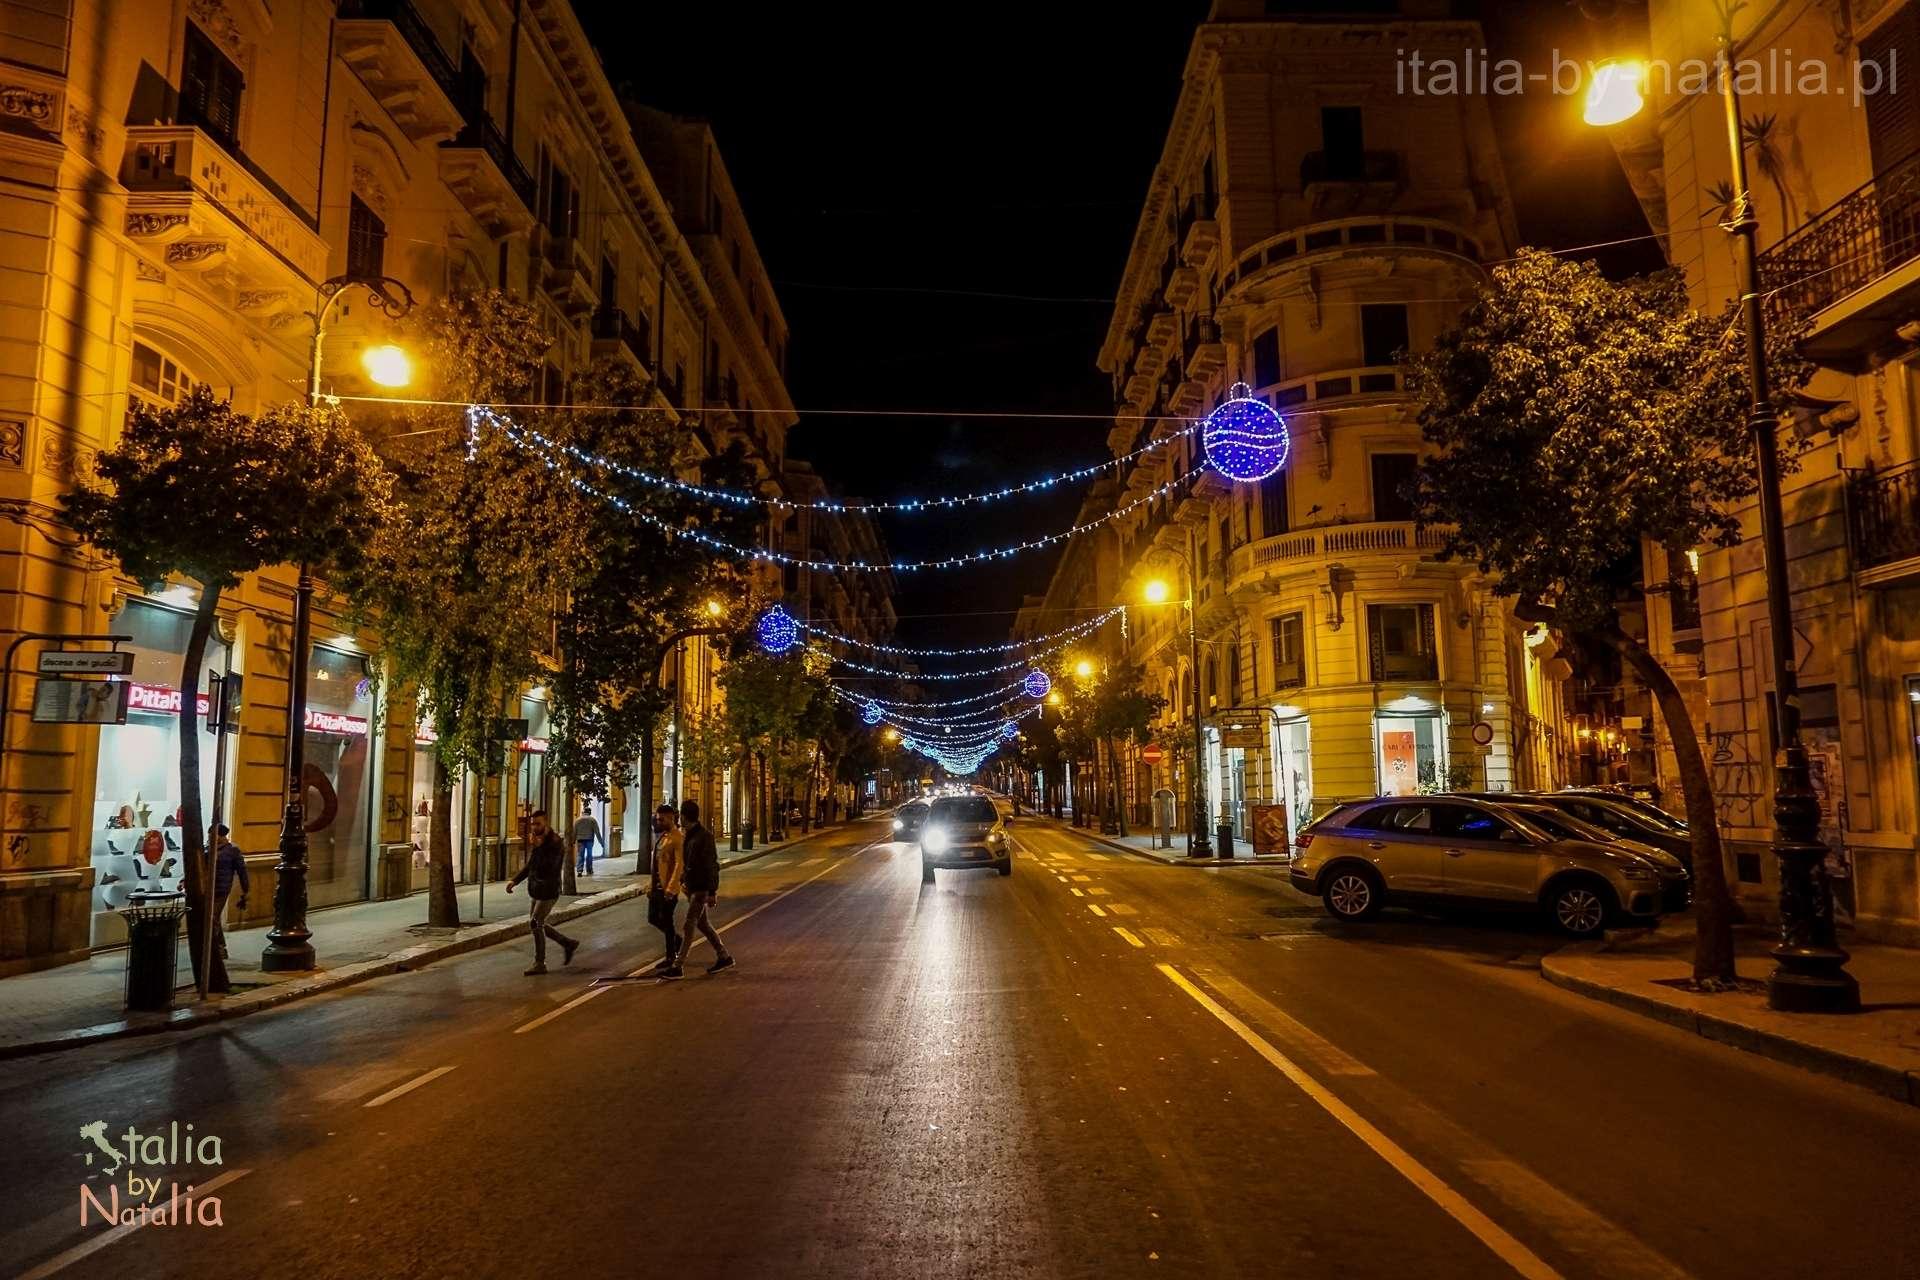 Palermo Sycylia grudzien december christmas święta via Roma